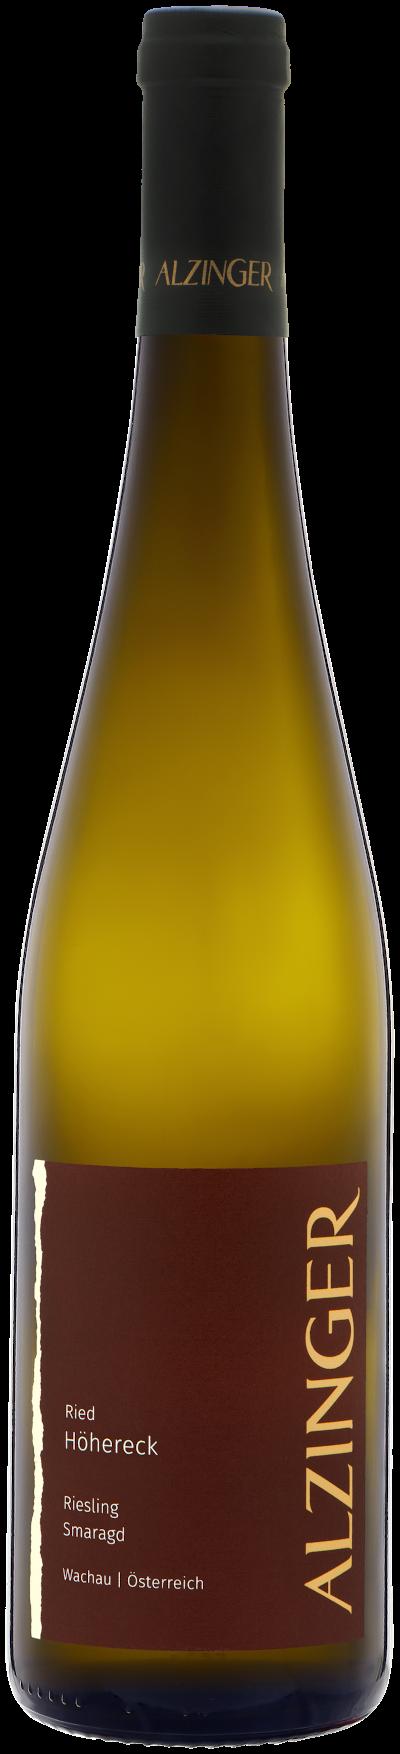 Alzinger - Riesling Smaragd Höhereck